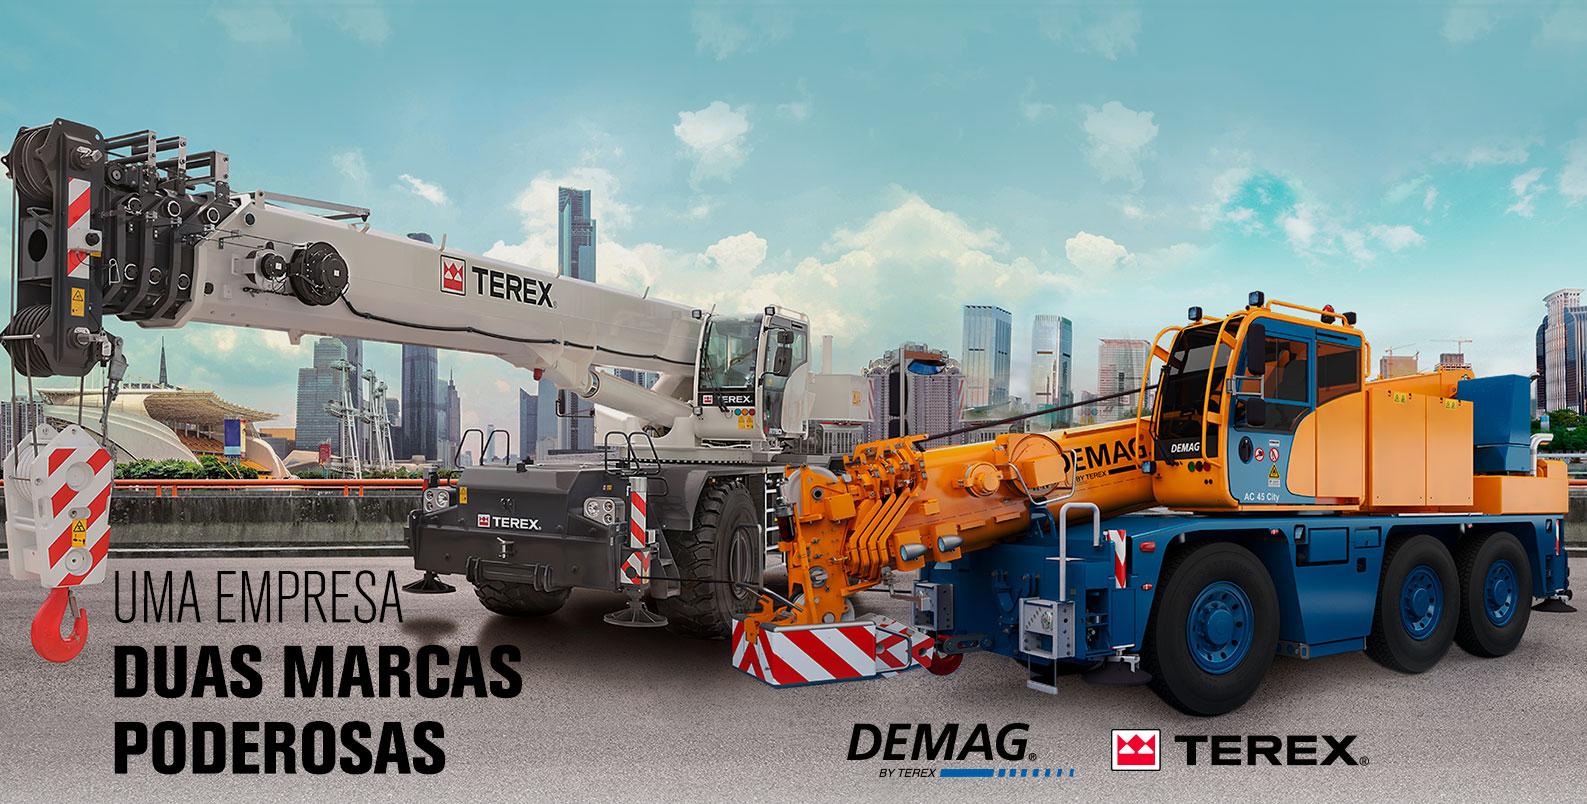 Uma Empresa Duas Marcas Poderosas - TEREX | DEMAG